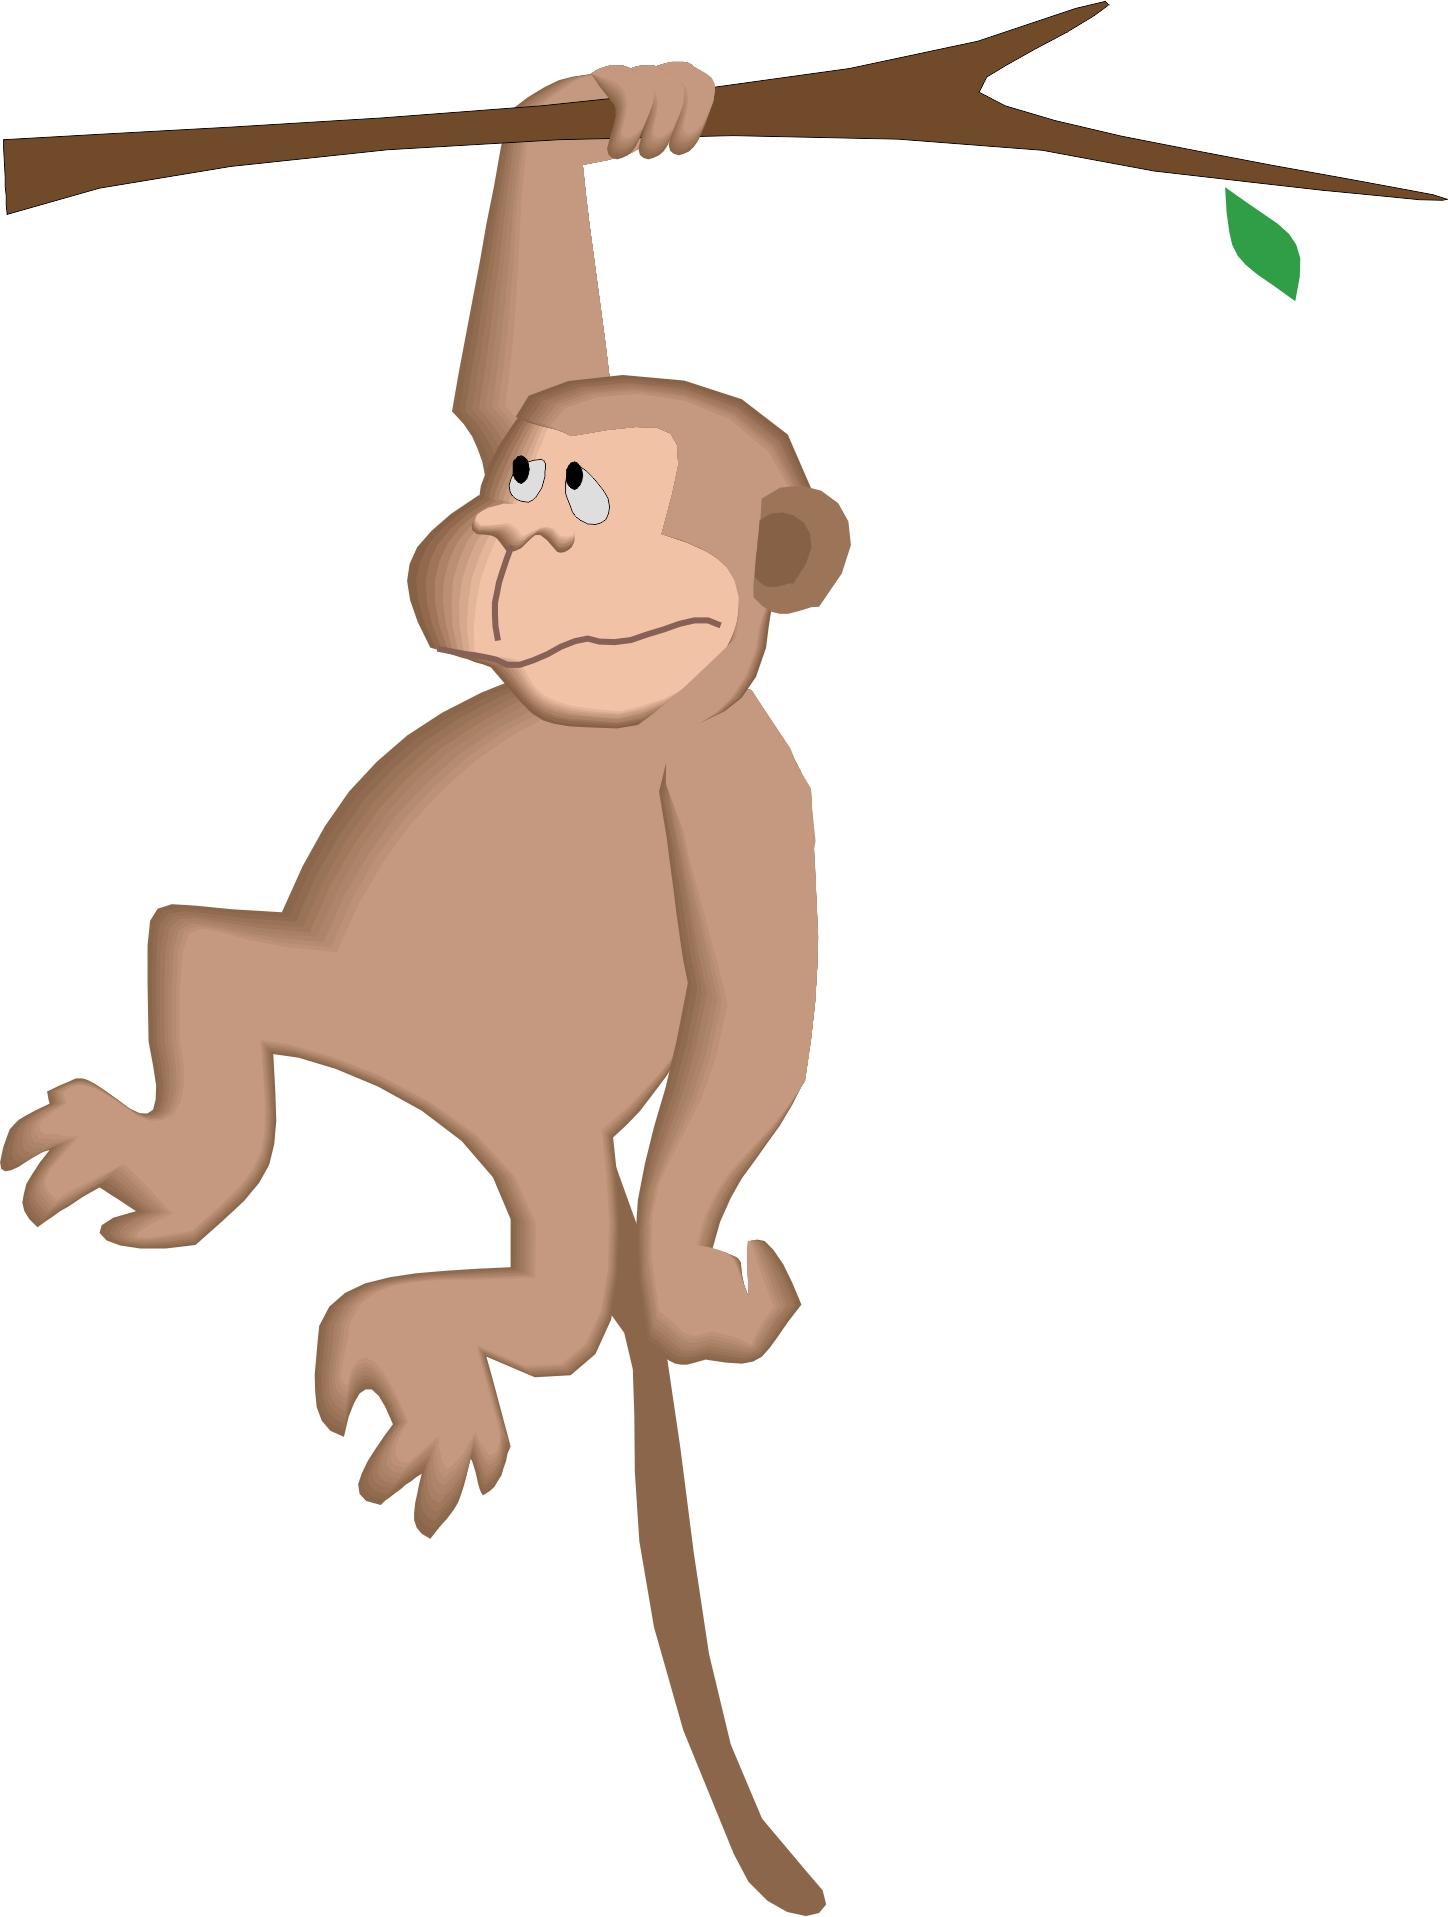 Animated Hanging Monkey